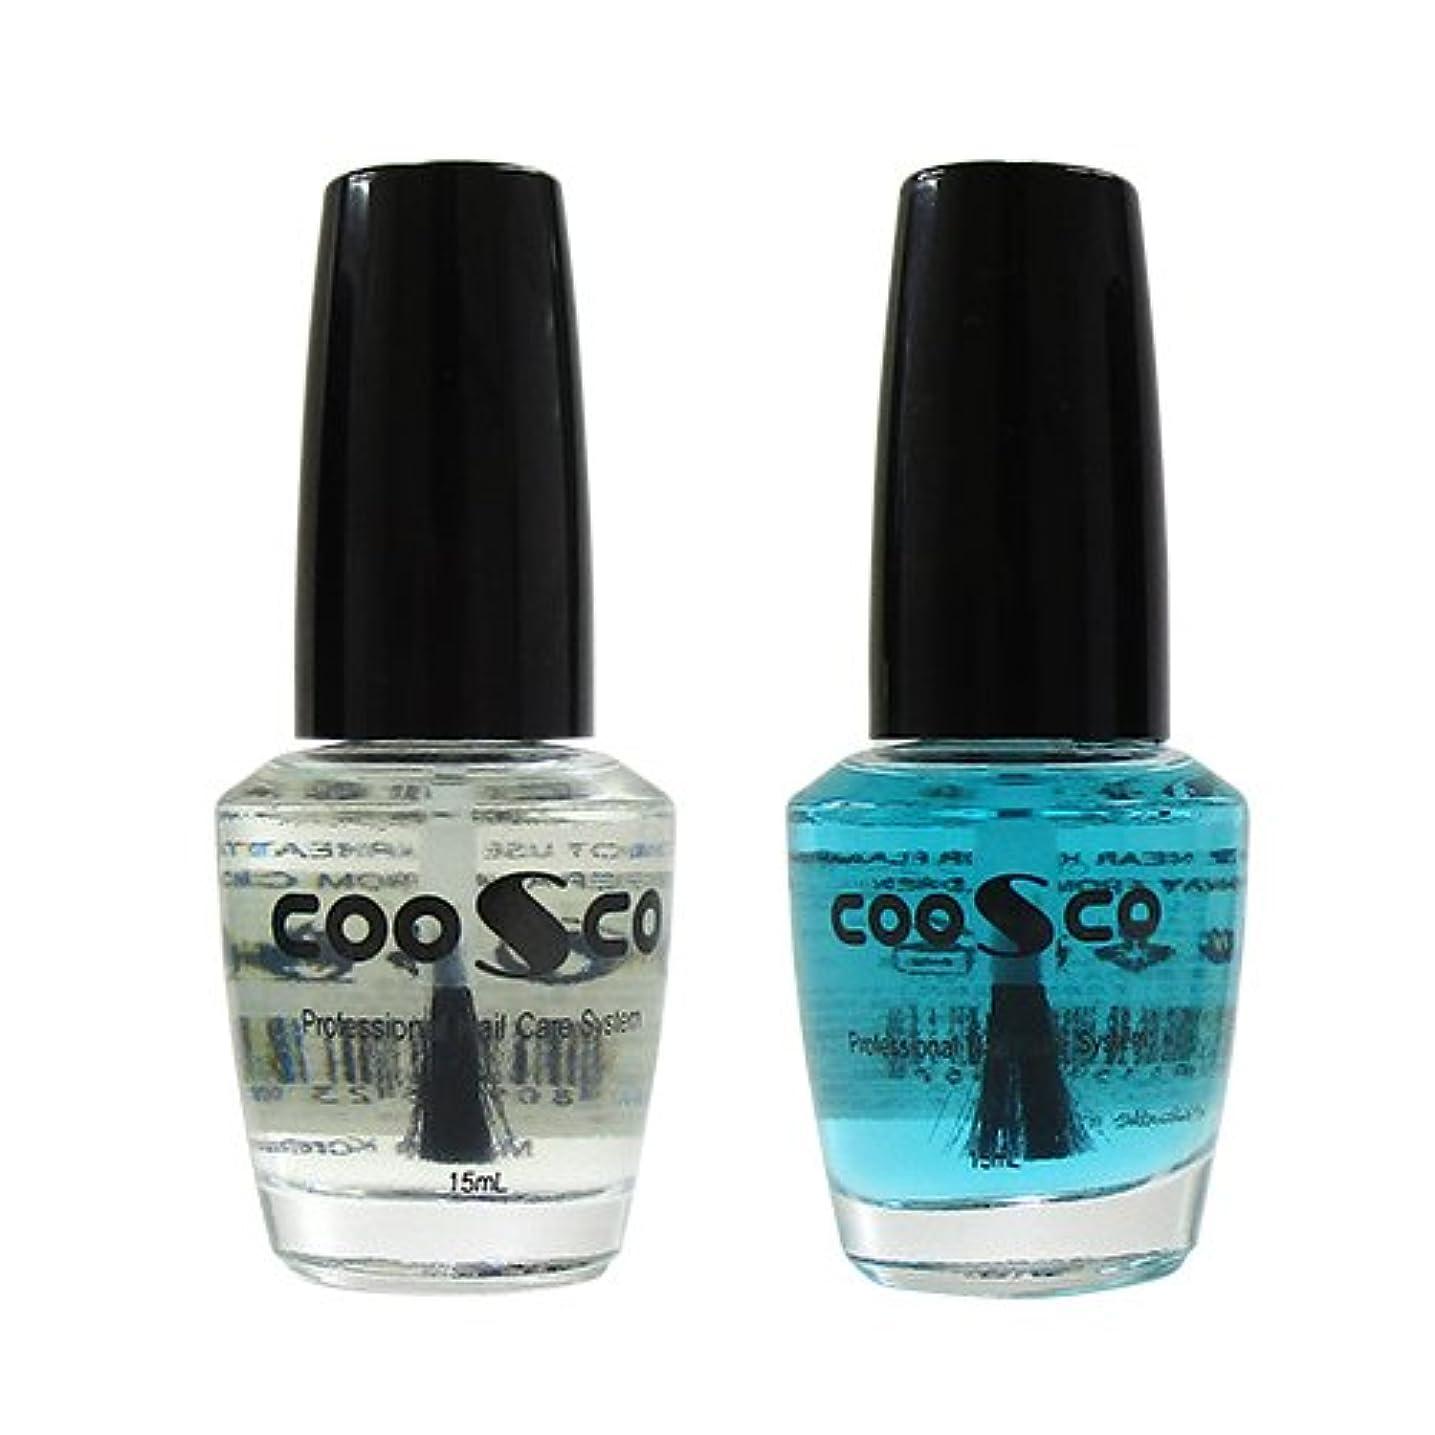 感じる侵入するボンドチェスネイル用 CCトップコート×50個セット ※カラーは当店おまかせ! (COOSCO Professional Nail Care System CC Top Coat) 15mL